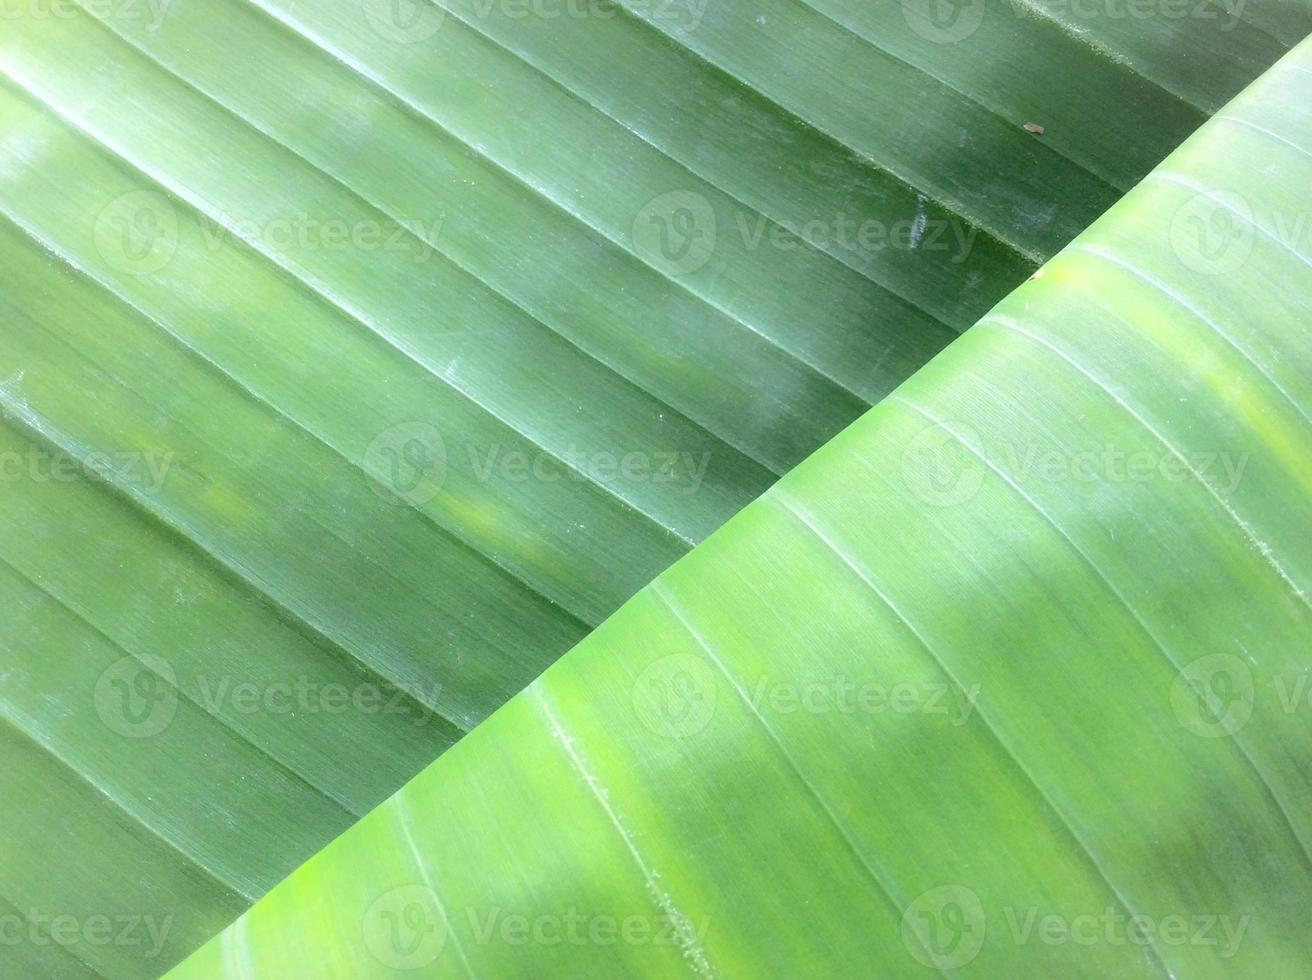 Leaves banana photo